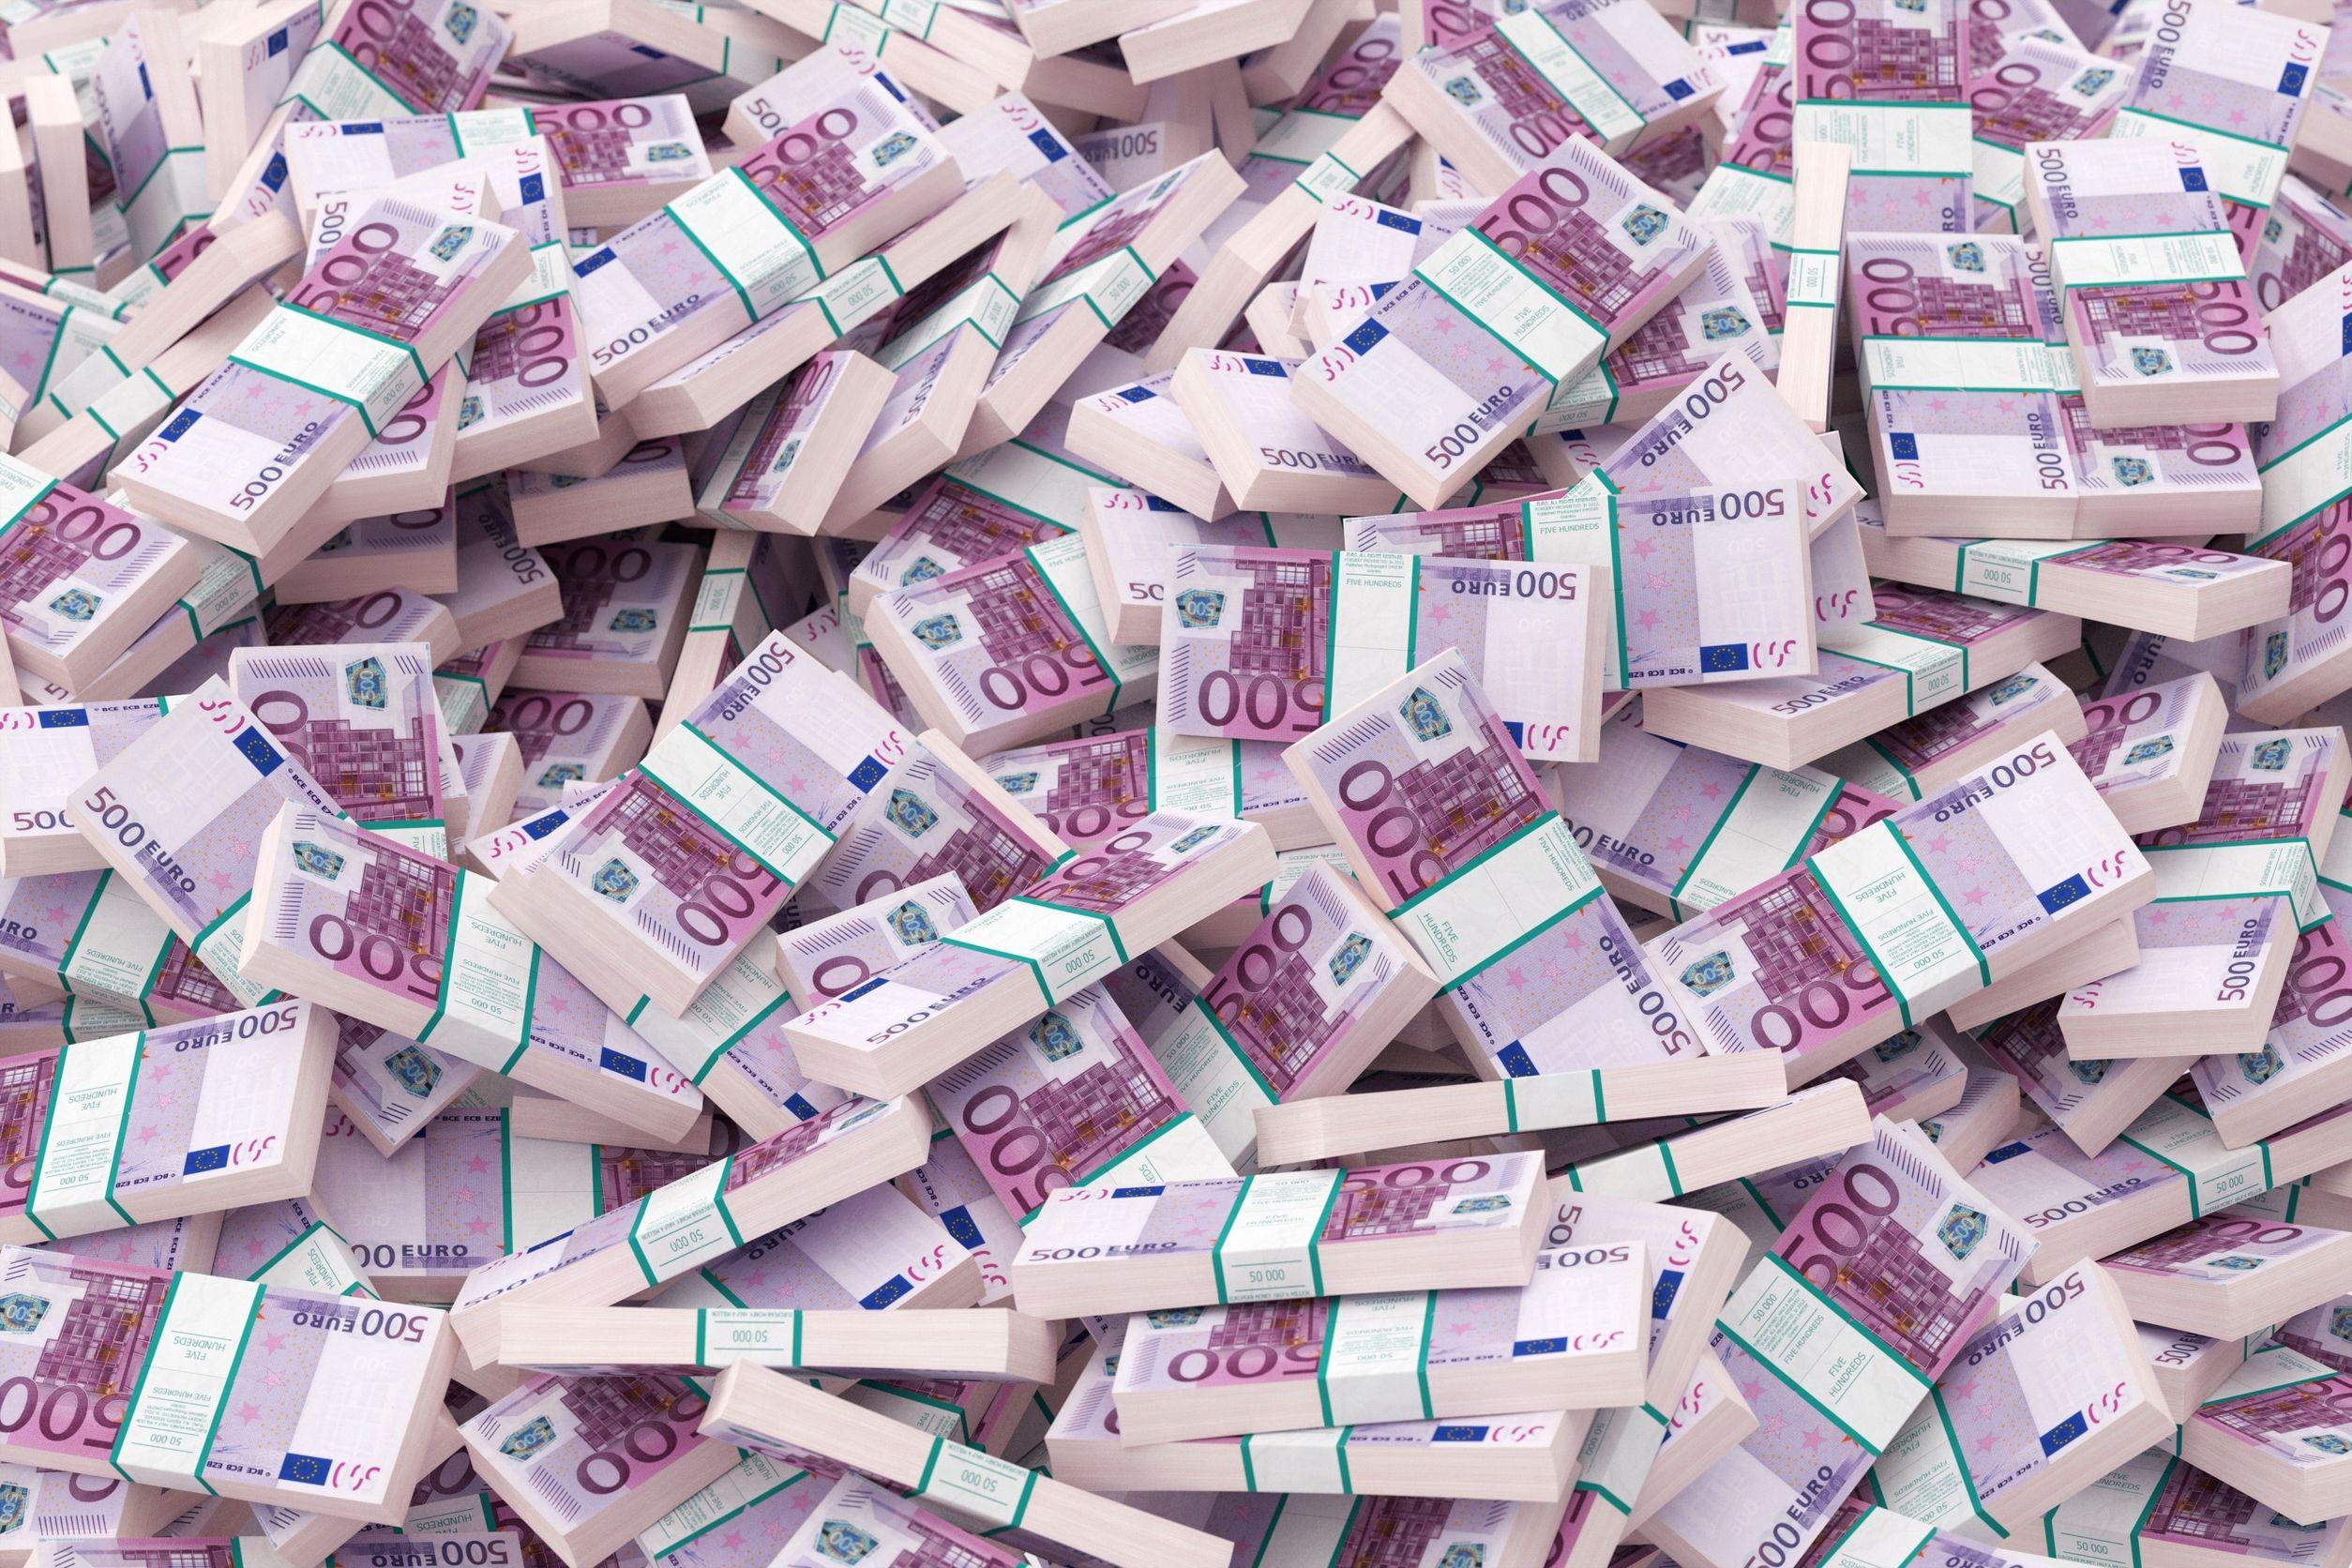 Captură impresionantă în Italia | Bancnote false valorând 28 de milioane de euro, produse inclusiv în România, confiscate de autorităţi